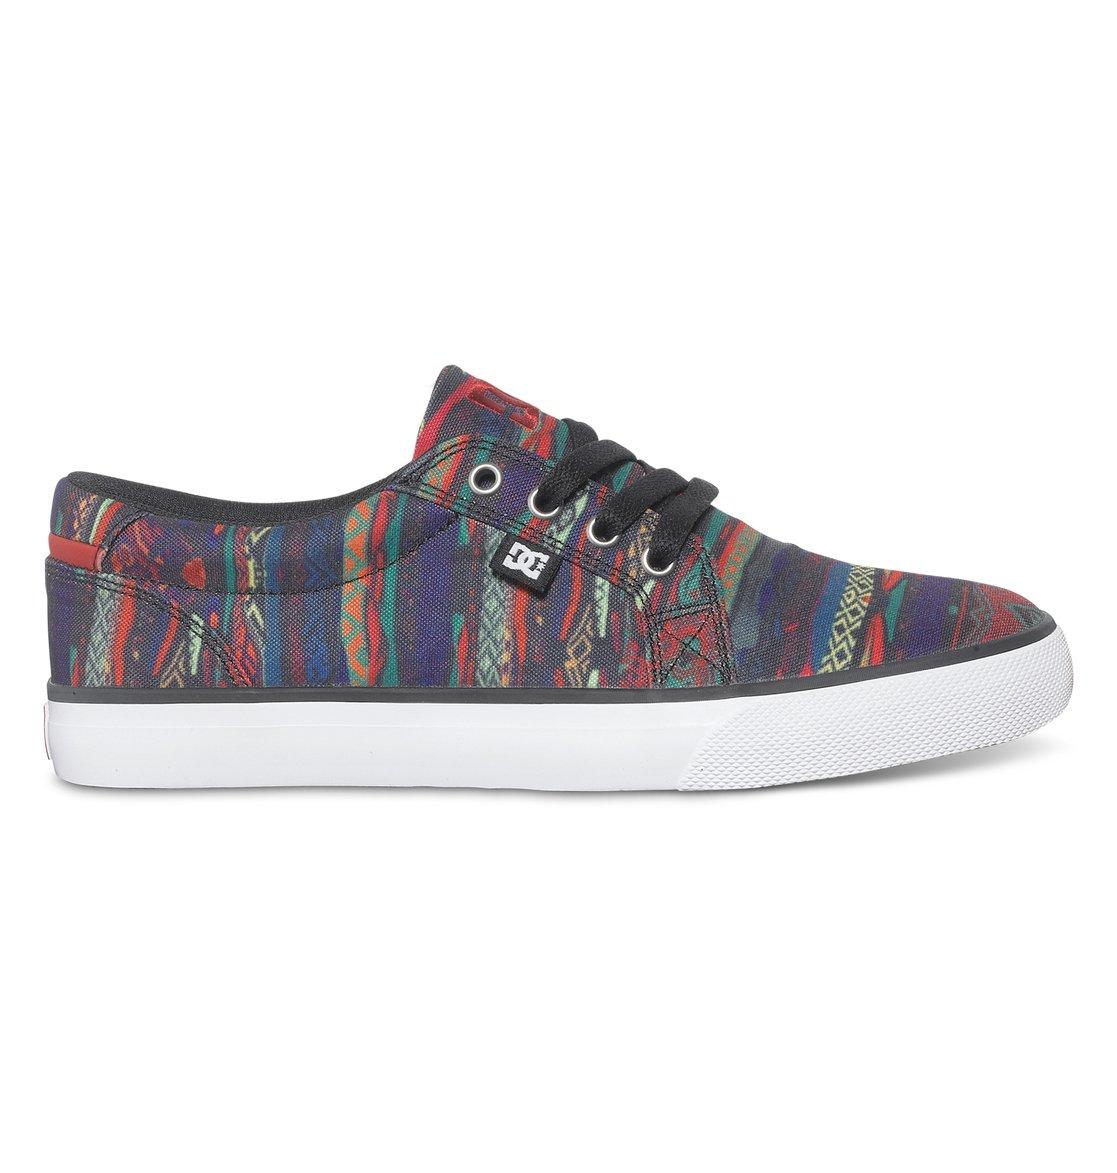 Council SP от DC Shoes